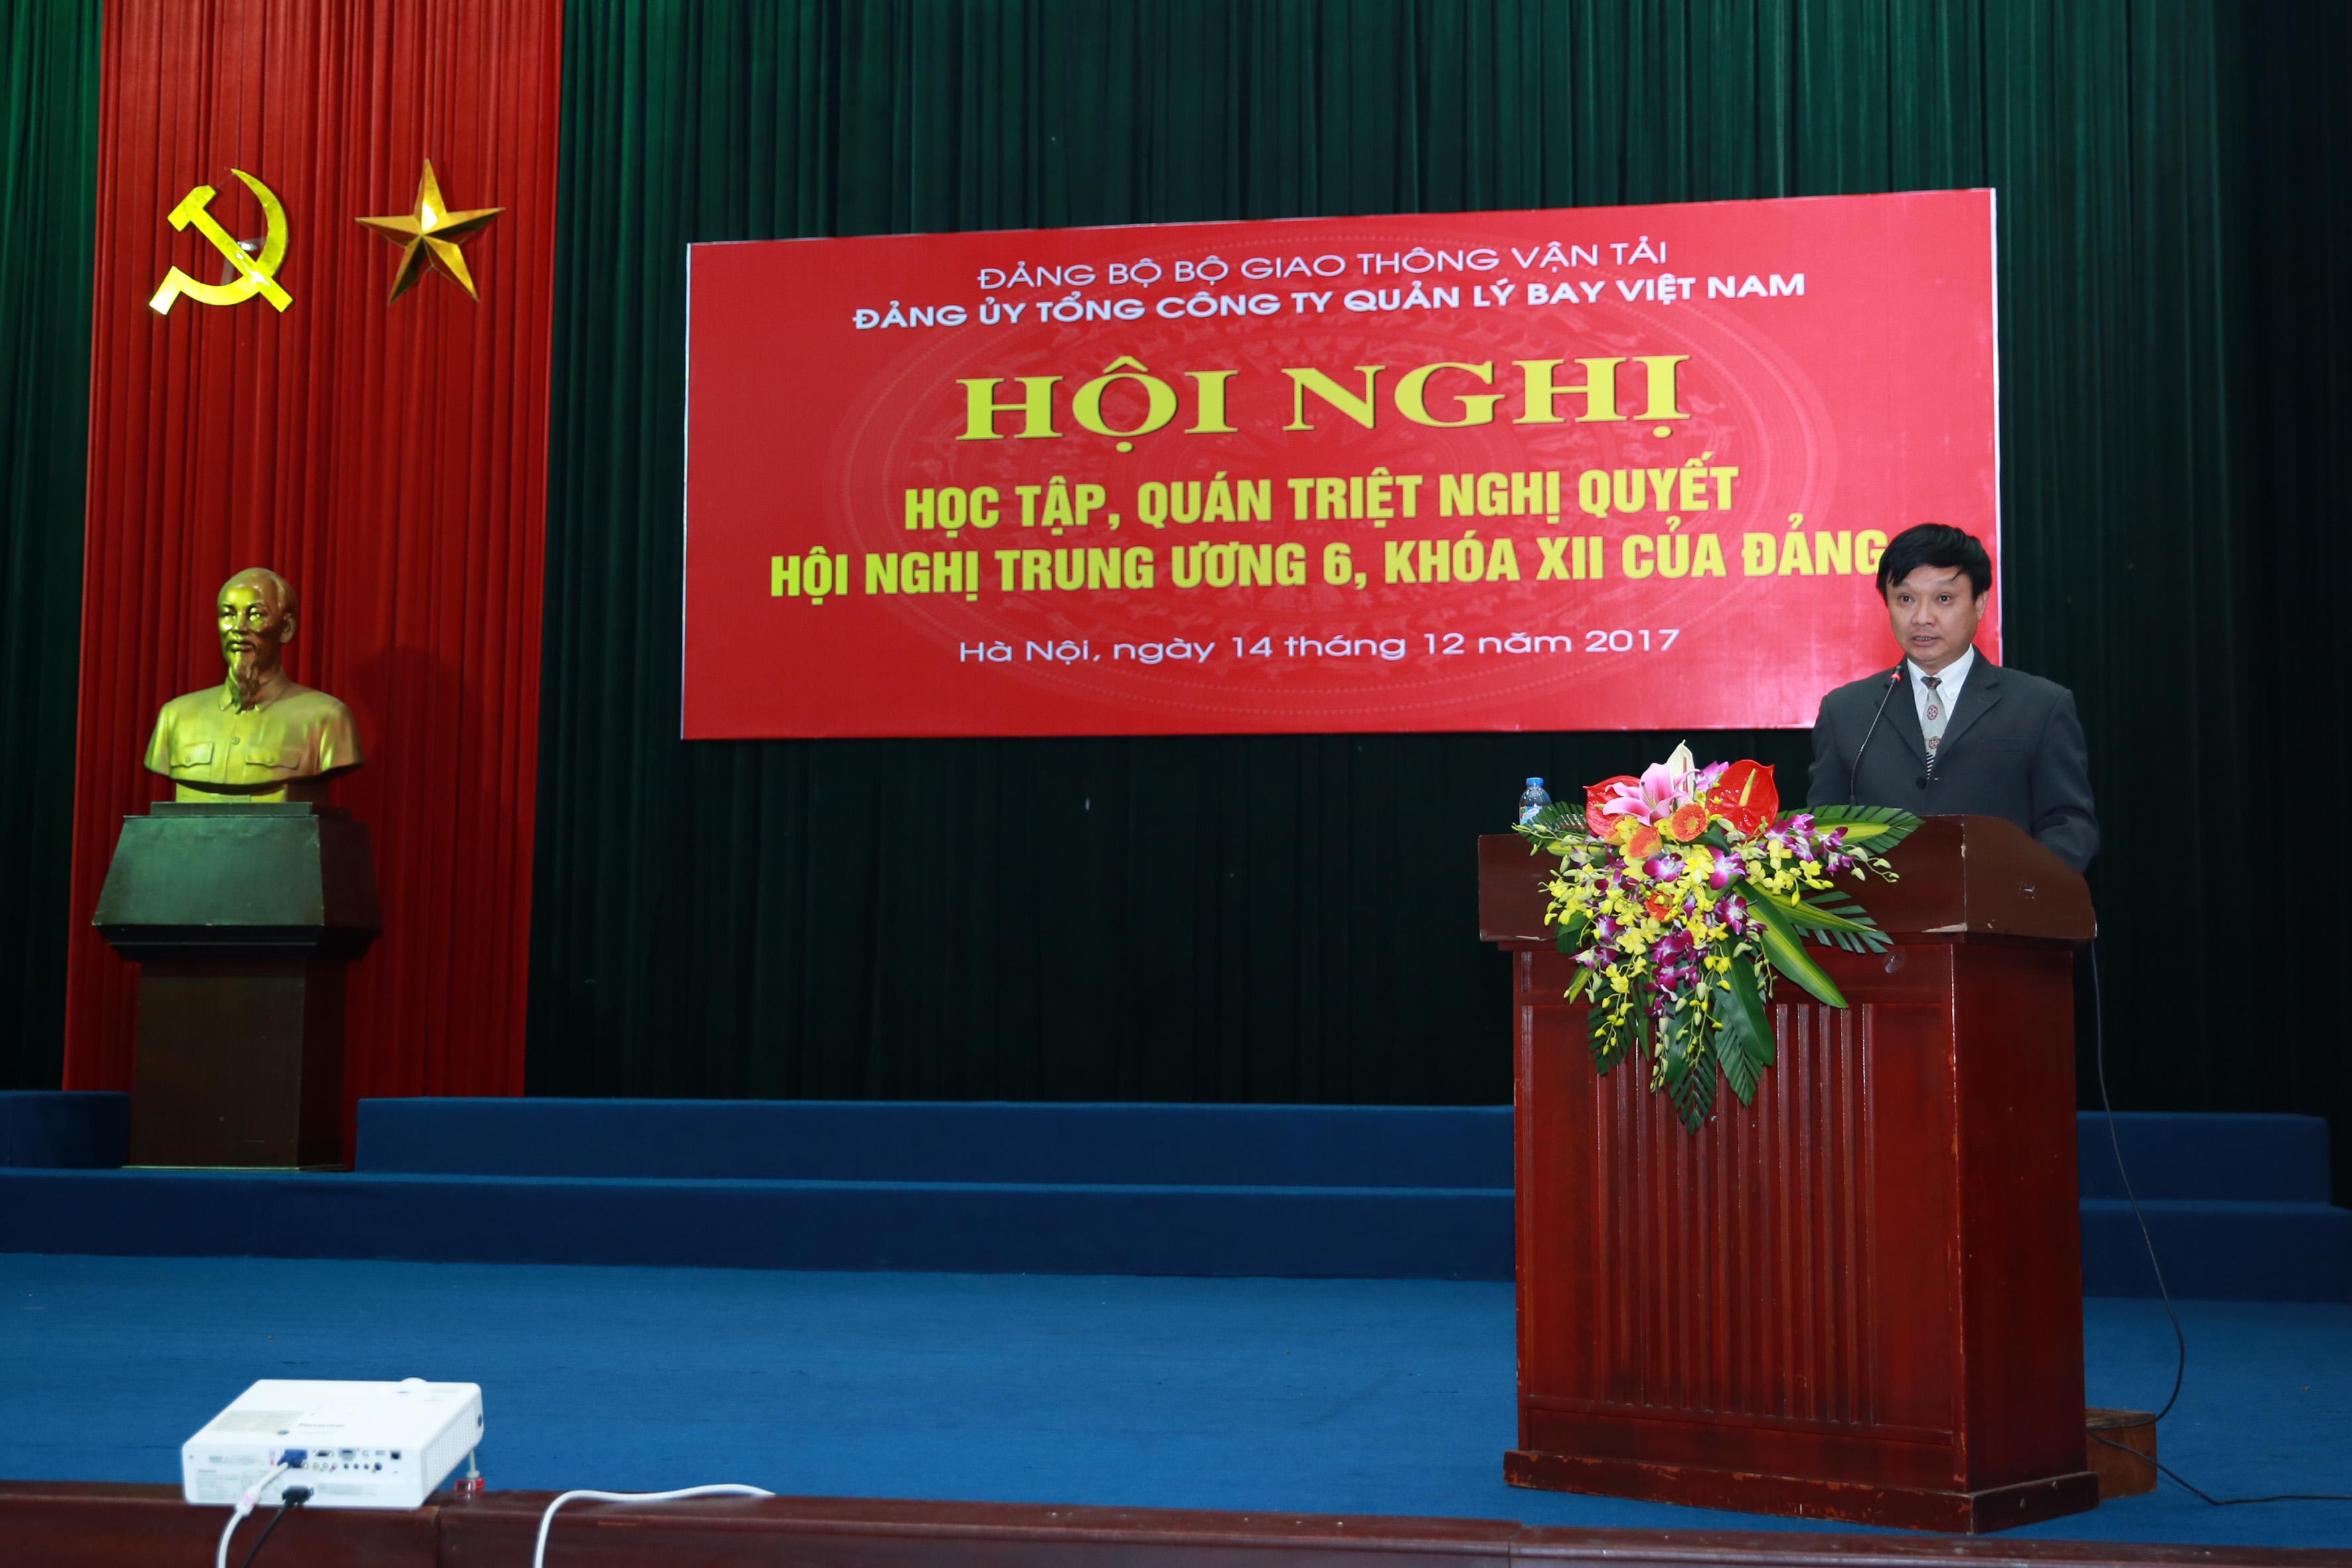 Đảng ủy Tổng công ty Quản lý bay Việt Nam tổ chức Hội nghị trực tuyến học tập, quán triệt, triển khai thực hiện Nghị quyết Trung ương 6, khóa XII của Đảng